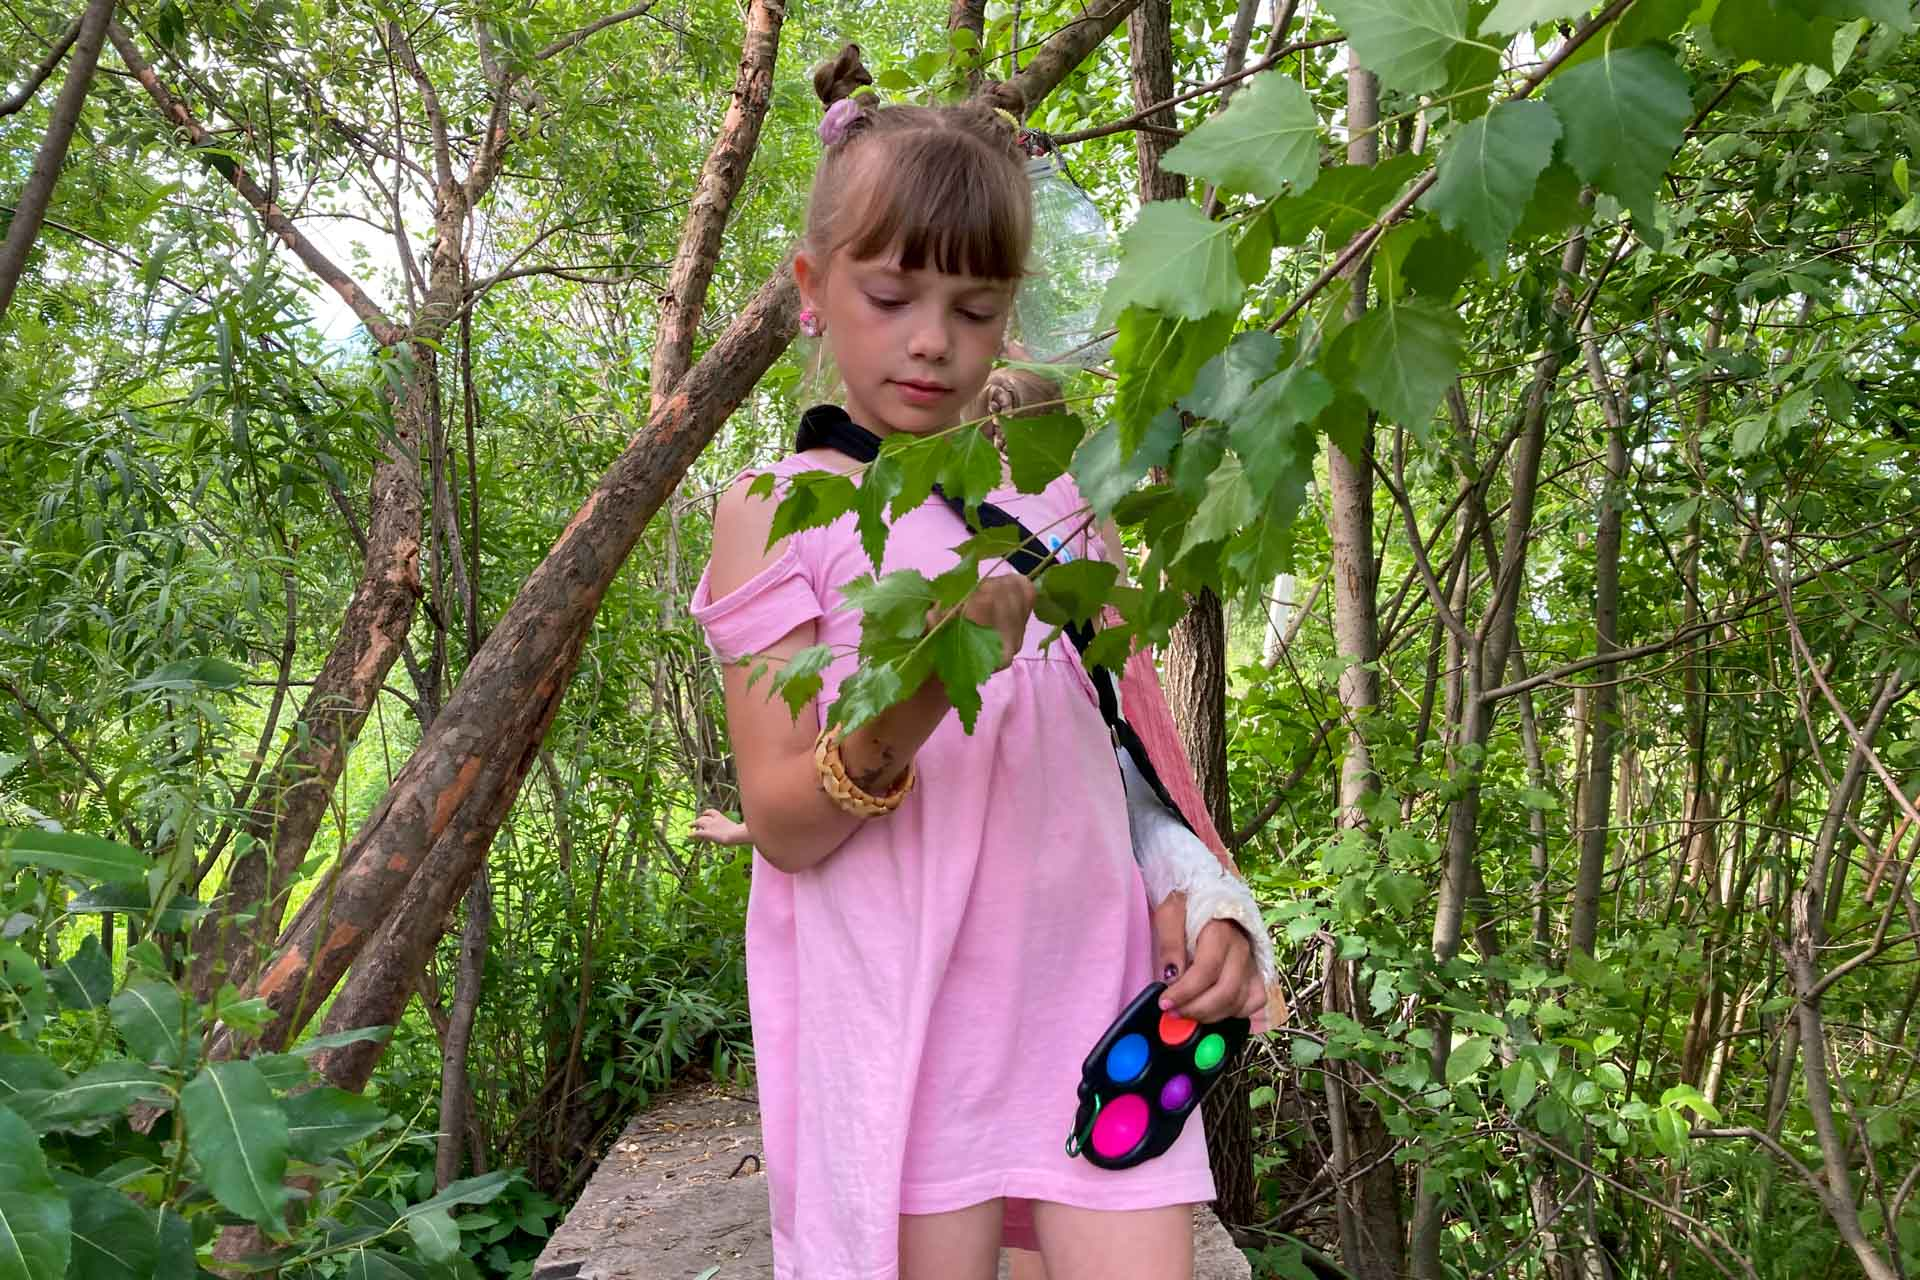 В сломанной руке Simple Dimple Among Us. На другой браслет из бересты, сделанный в школе. Розовое платье. На дворе лето 2021 года. Город Вельск, деревянный многоквартирный дом рядом со школой. Теплотрасса. Серги.